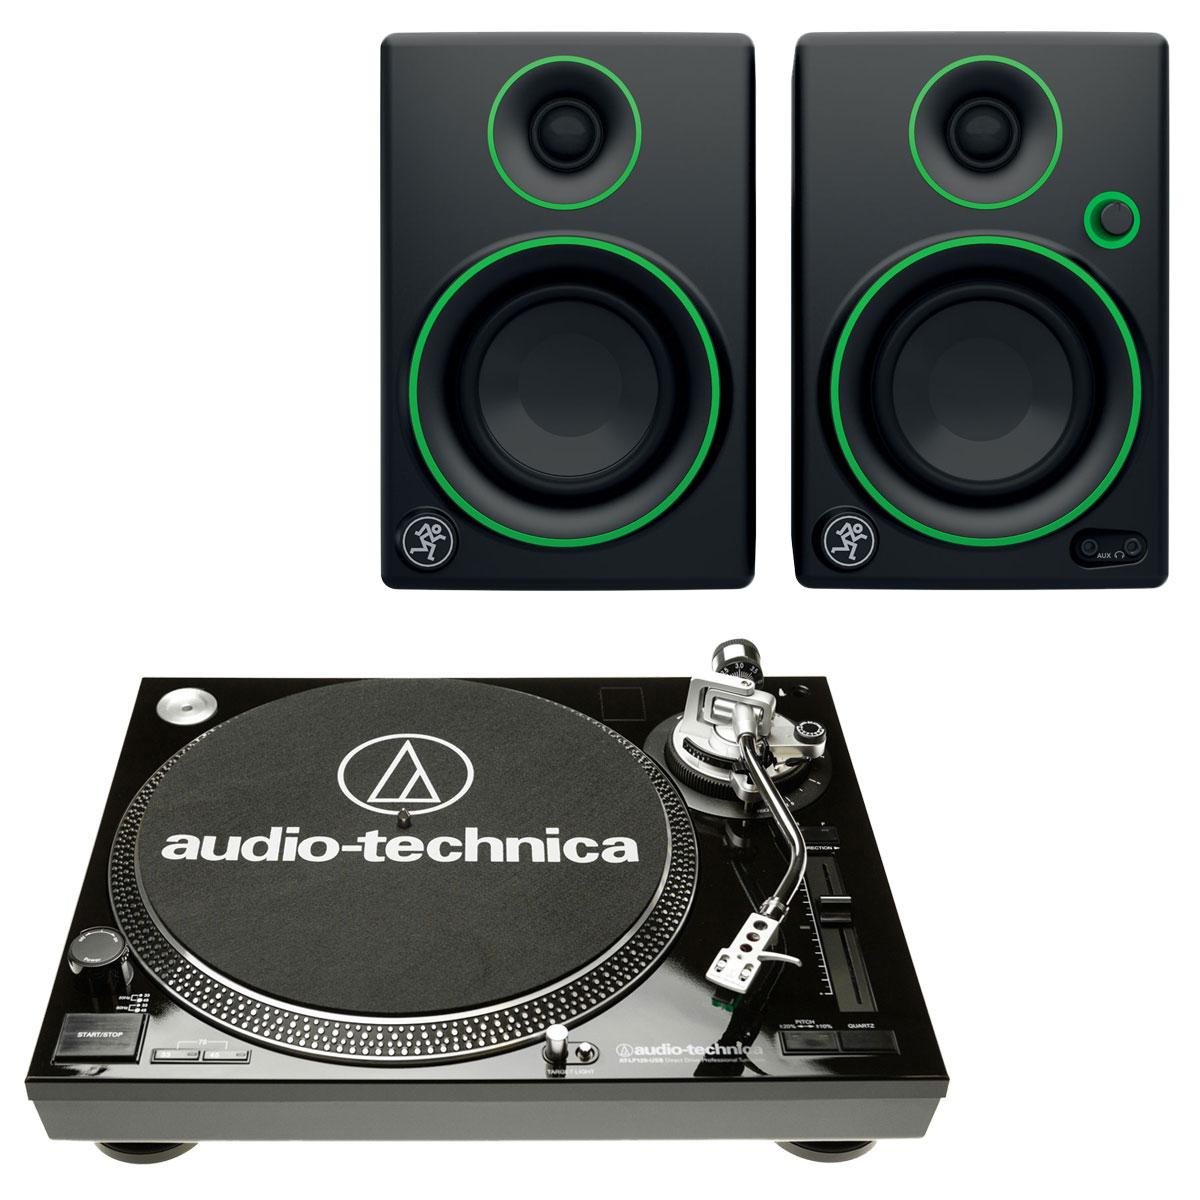 Platine vinyle Audio-Technica AT-LP120USBC Noir + Mackie CR3 Platine vinyle à 3 vitesses (33-45-78 trs/min) avec port USB + Enceintes de monitoring 3'' (par paire)